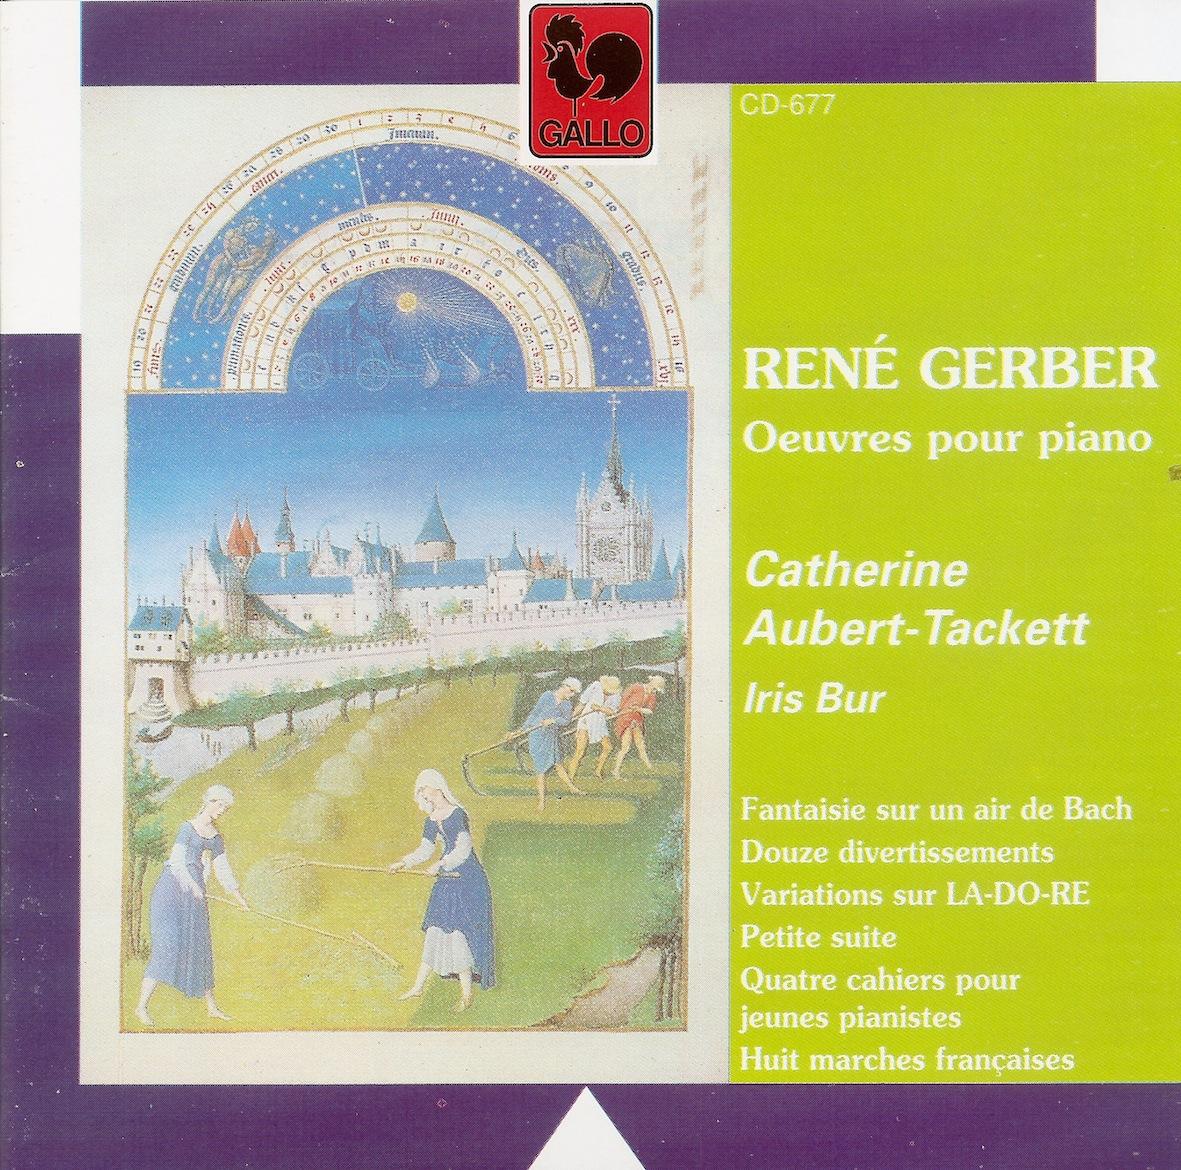 df938268aa3643 René GERBER, né à Travers en 1908, a fait ses études à l Université de  Zurich, puis au Conservatoire de cette ville et ensuite à l École Normale  de Musique ...